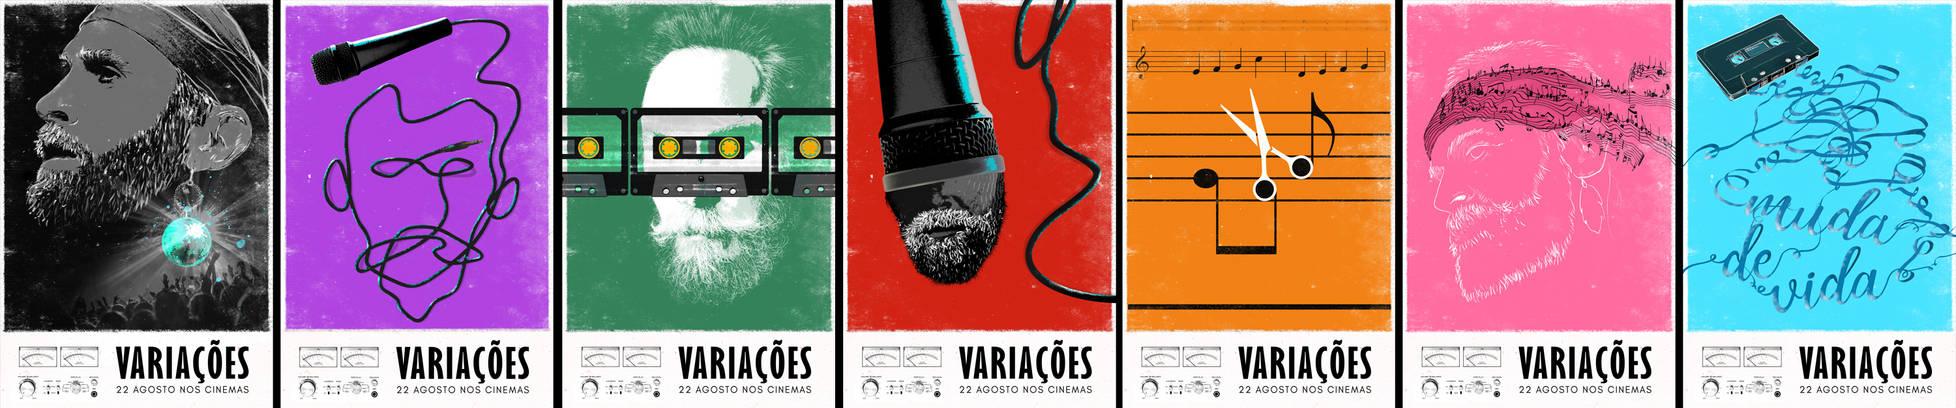 Variacoes Poster Series